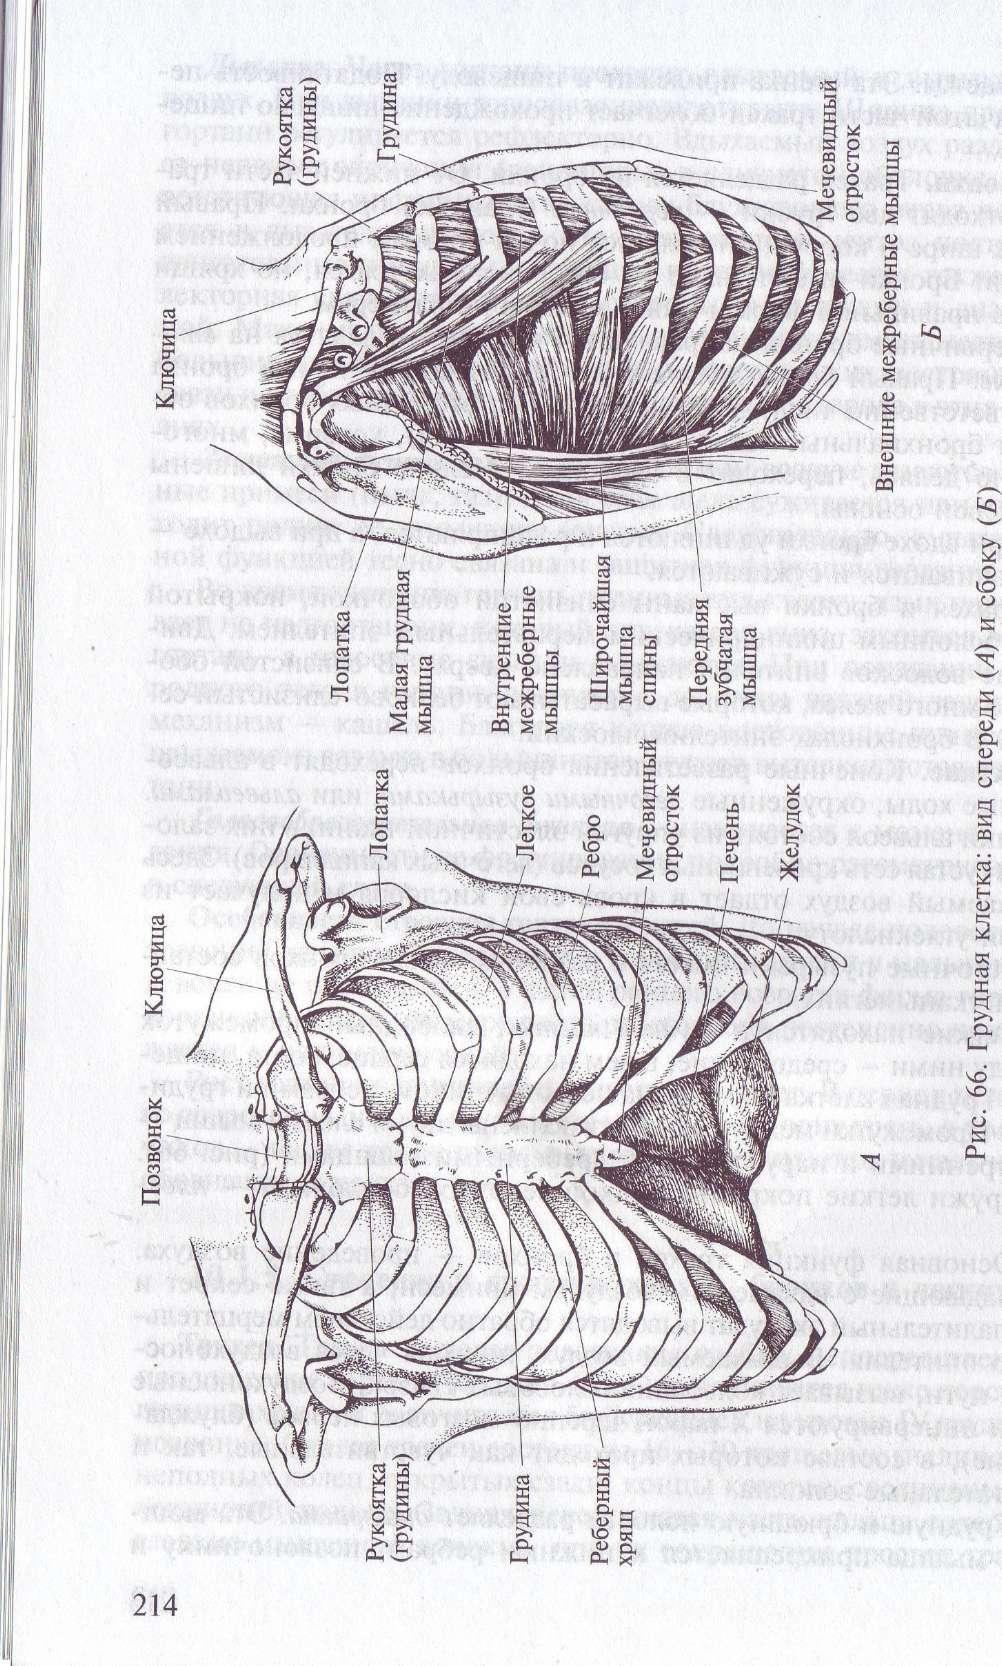 Анатомия трахеи бронхов легких грудной клетки диафрагмы и их функции thumbnail